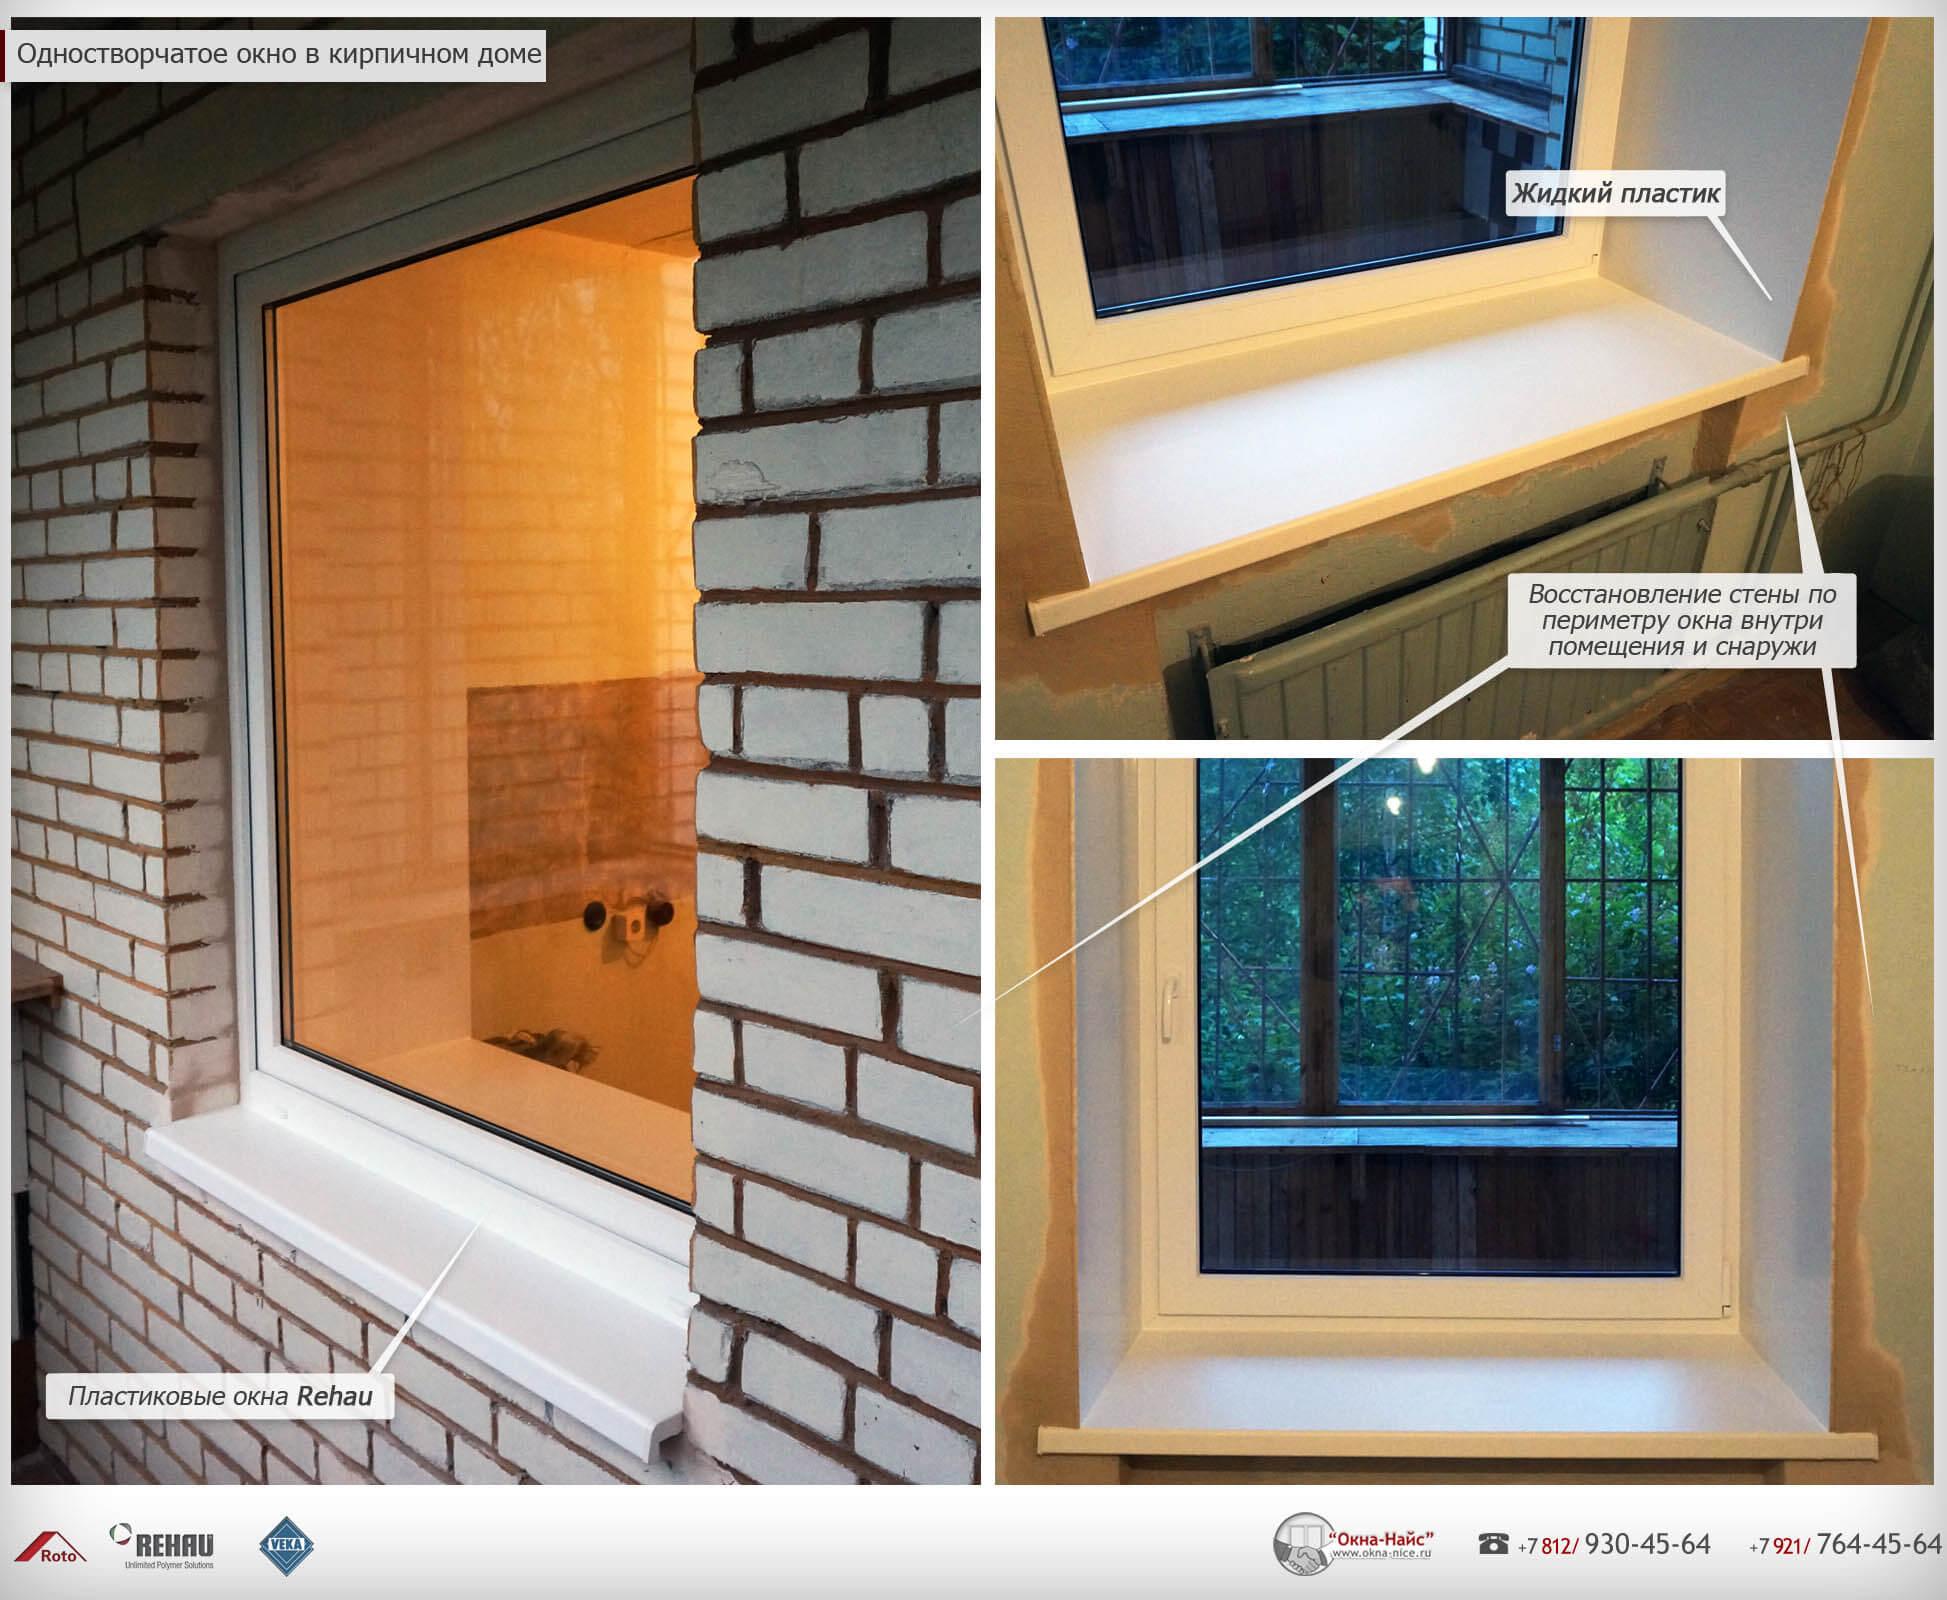 Как сделать окно в кирпичном доме 230